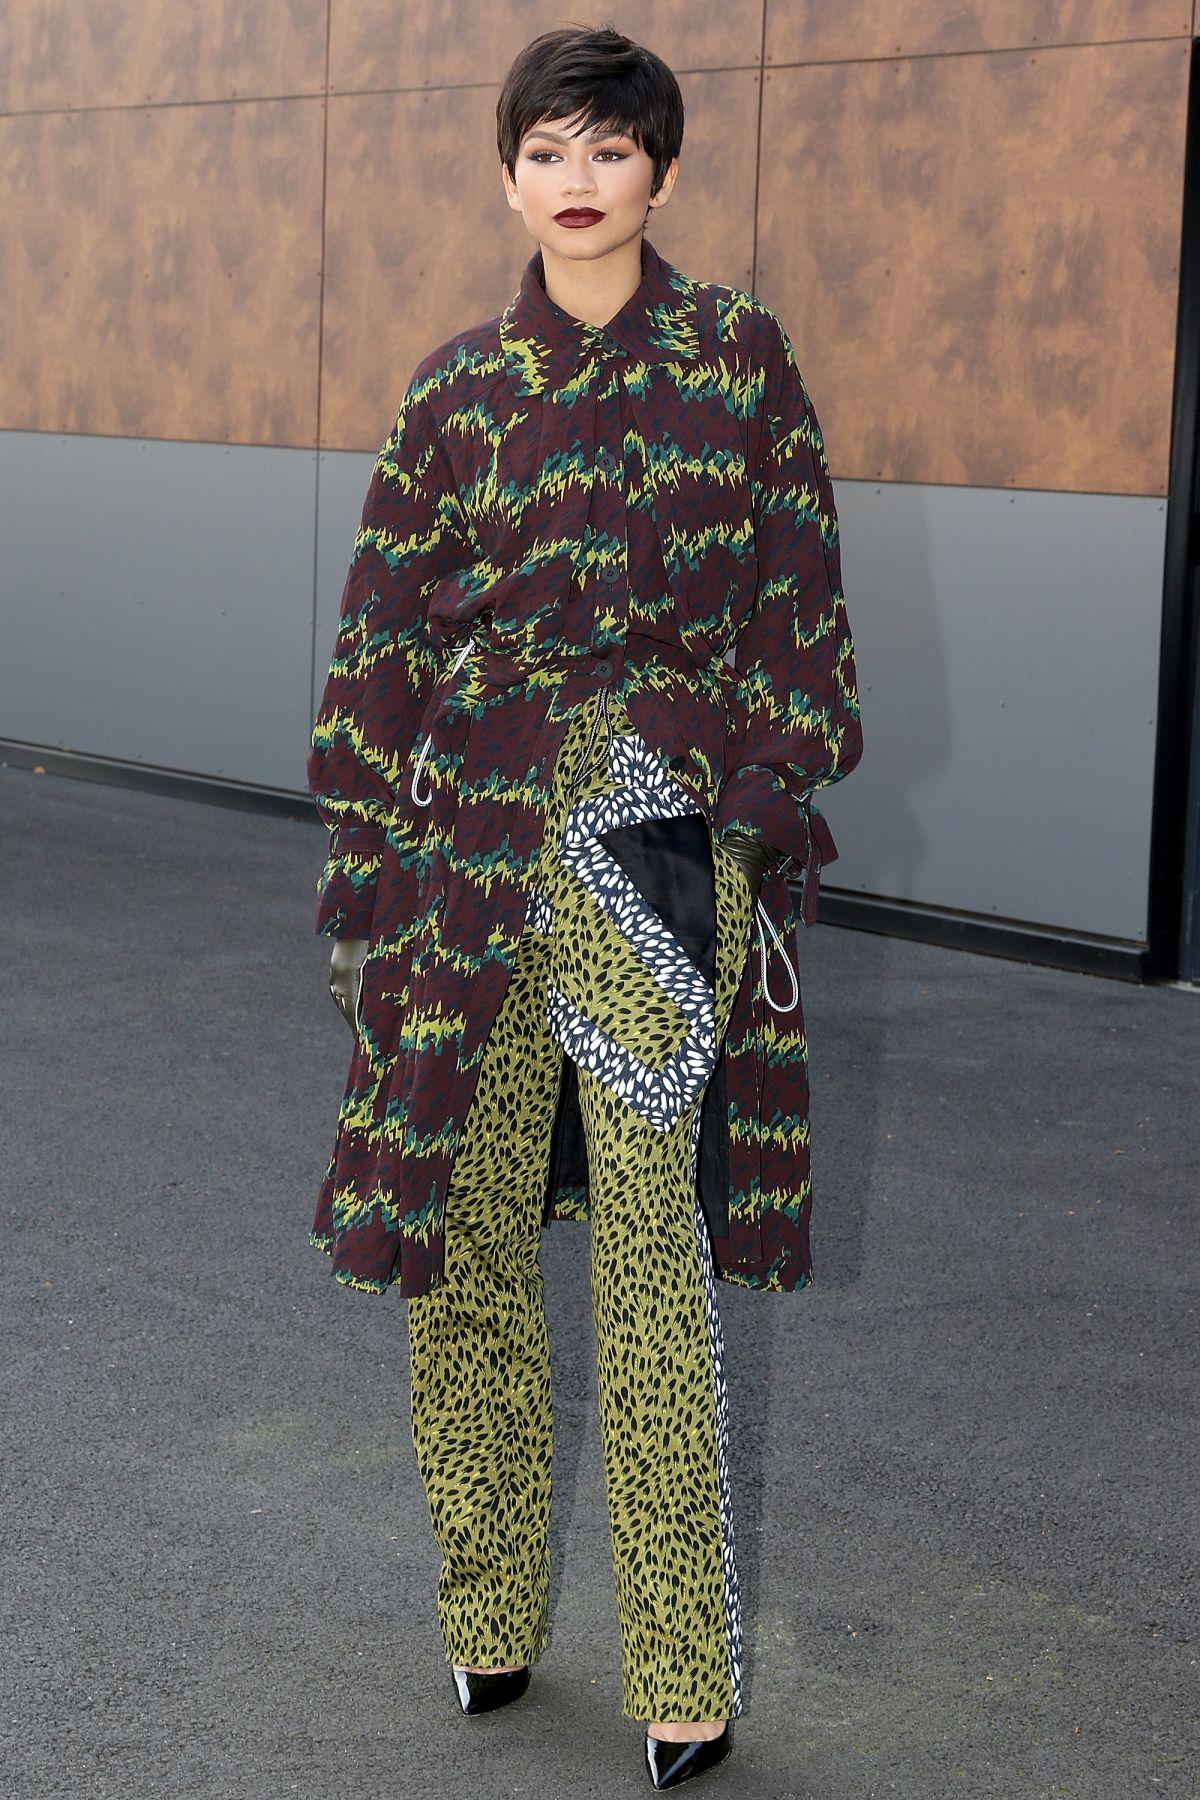 ZENDAYA at Kenzo Fashion Show at Paris Fashion Week 10/04/2015